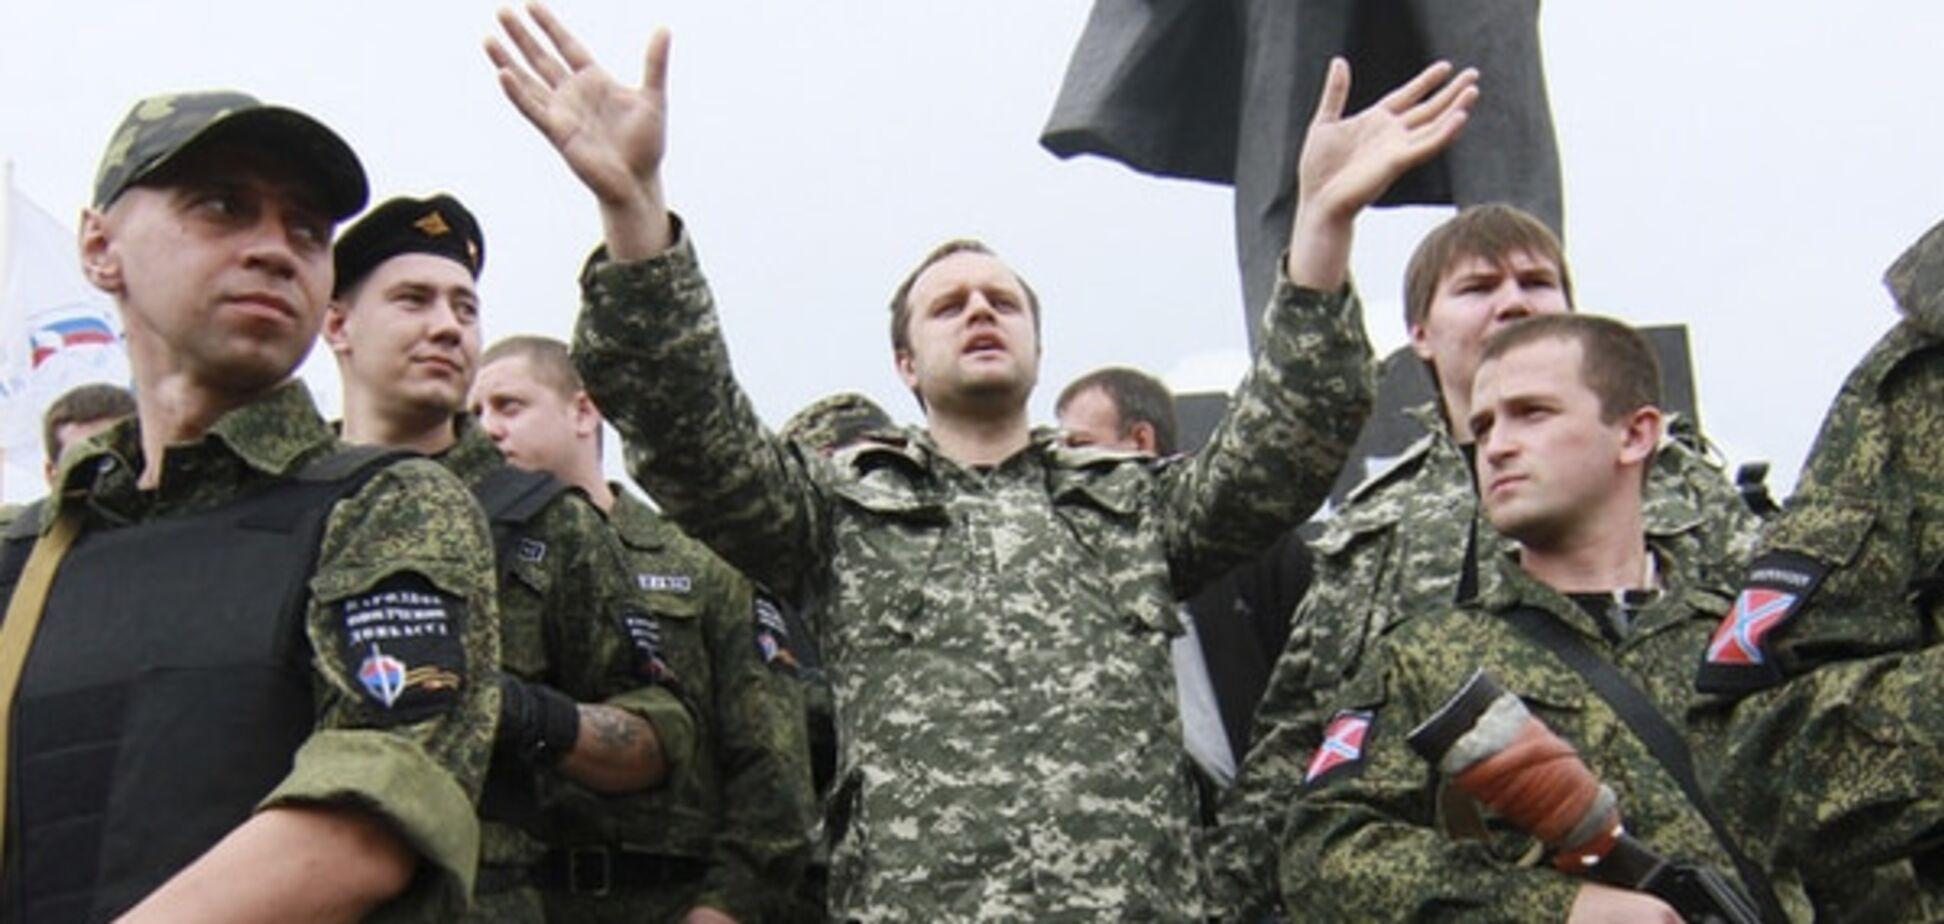 Згаслий факел. 'Письменник' Губарєв презентував свою книгу про 'Новоросію'